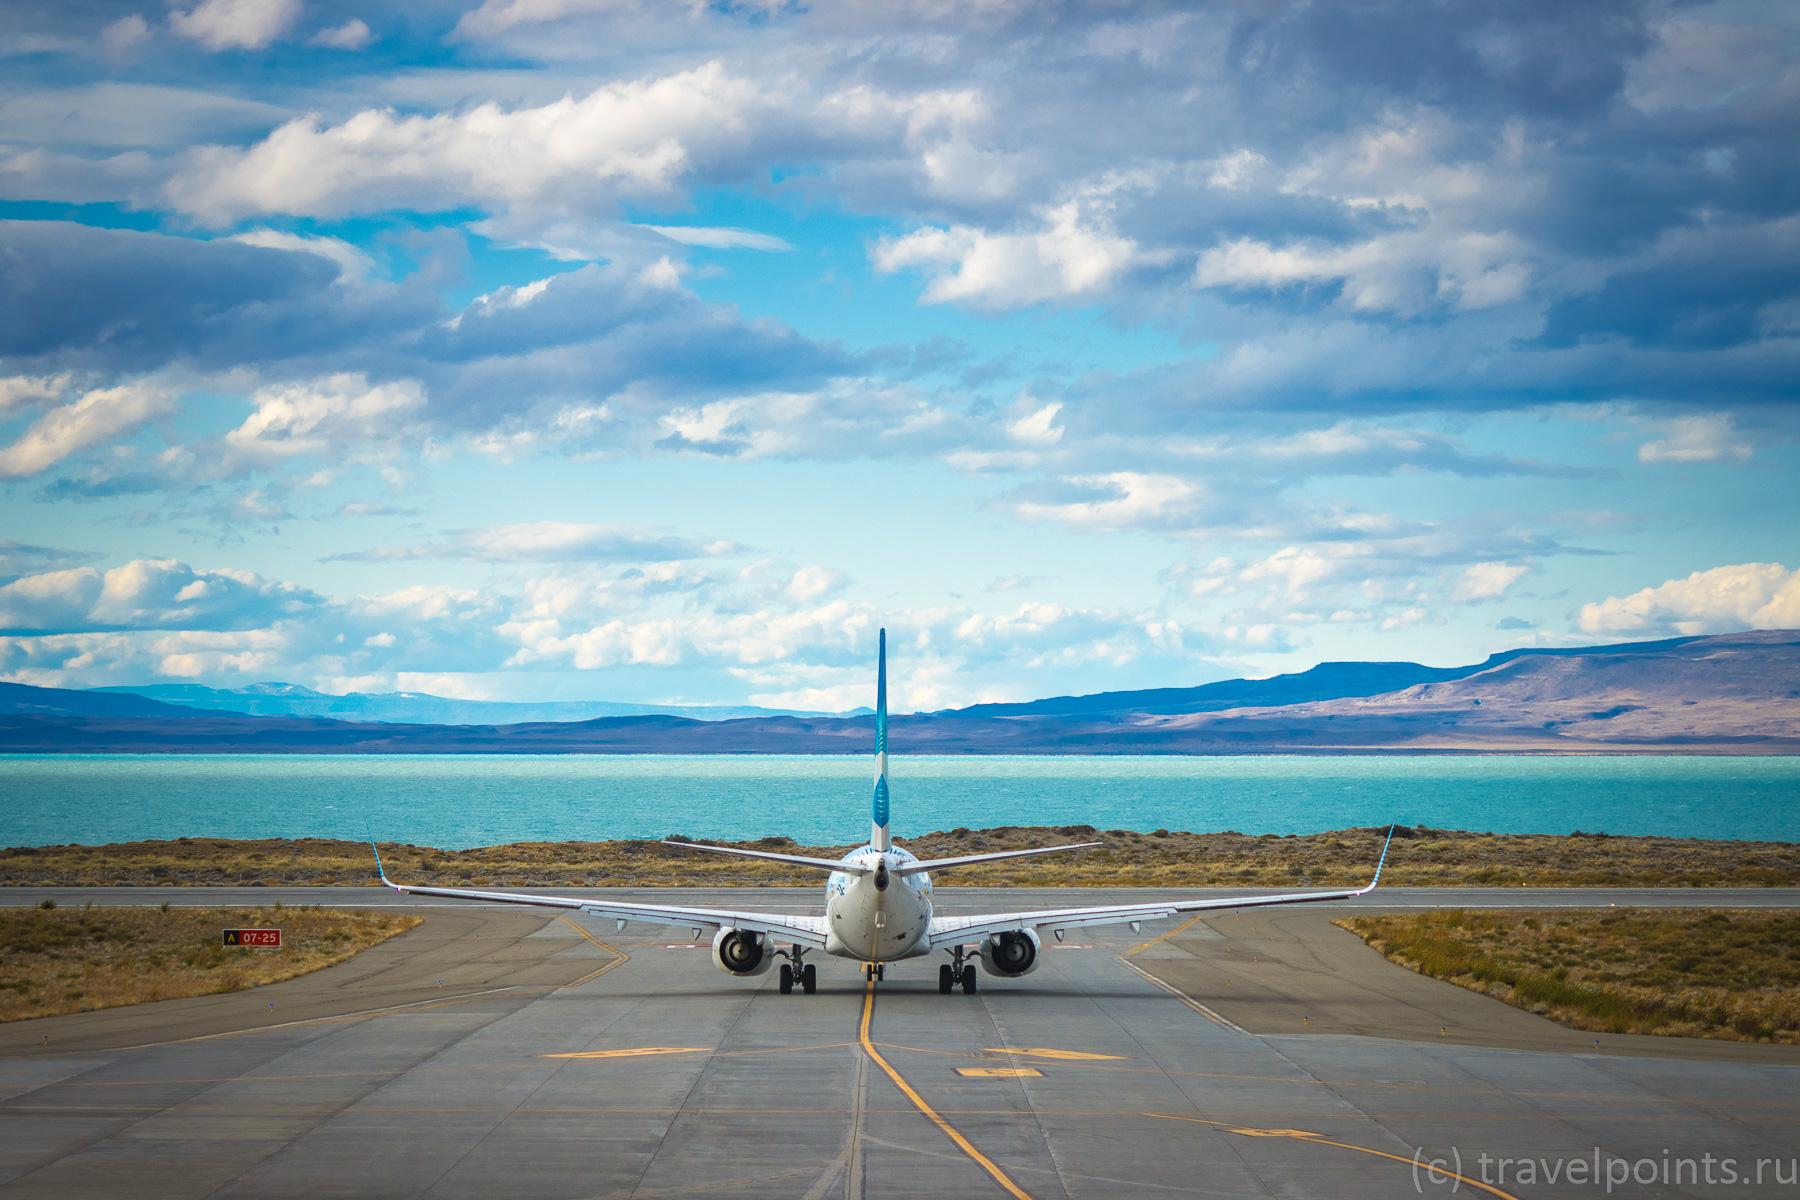 взлетно-посадочная полоса аэропорта Калафате